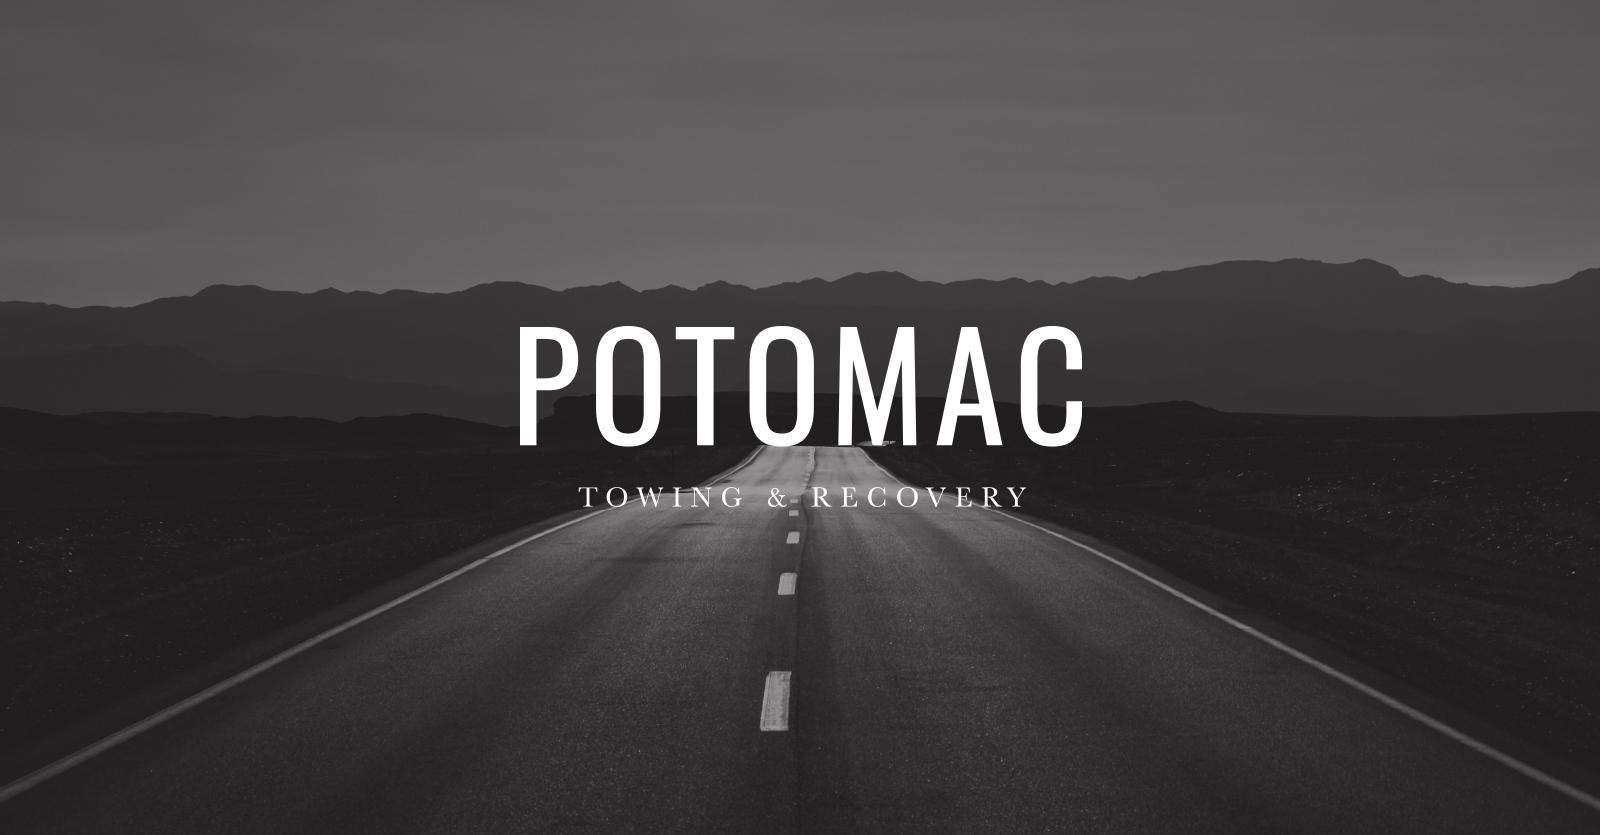 Potomac Towing